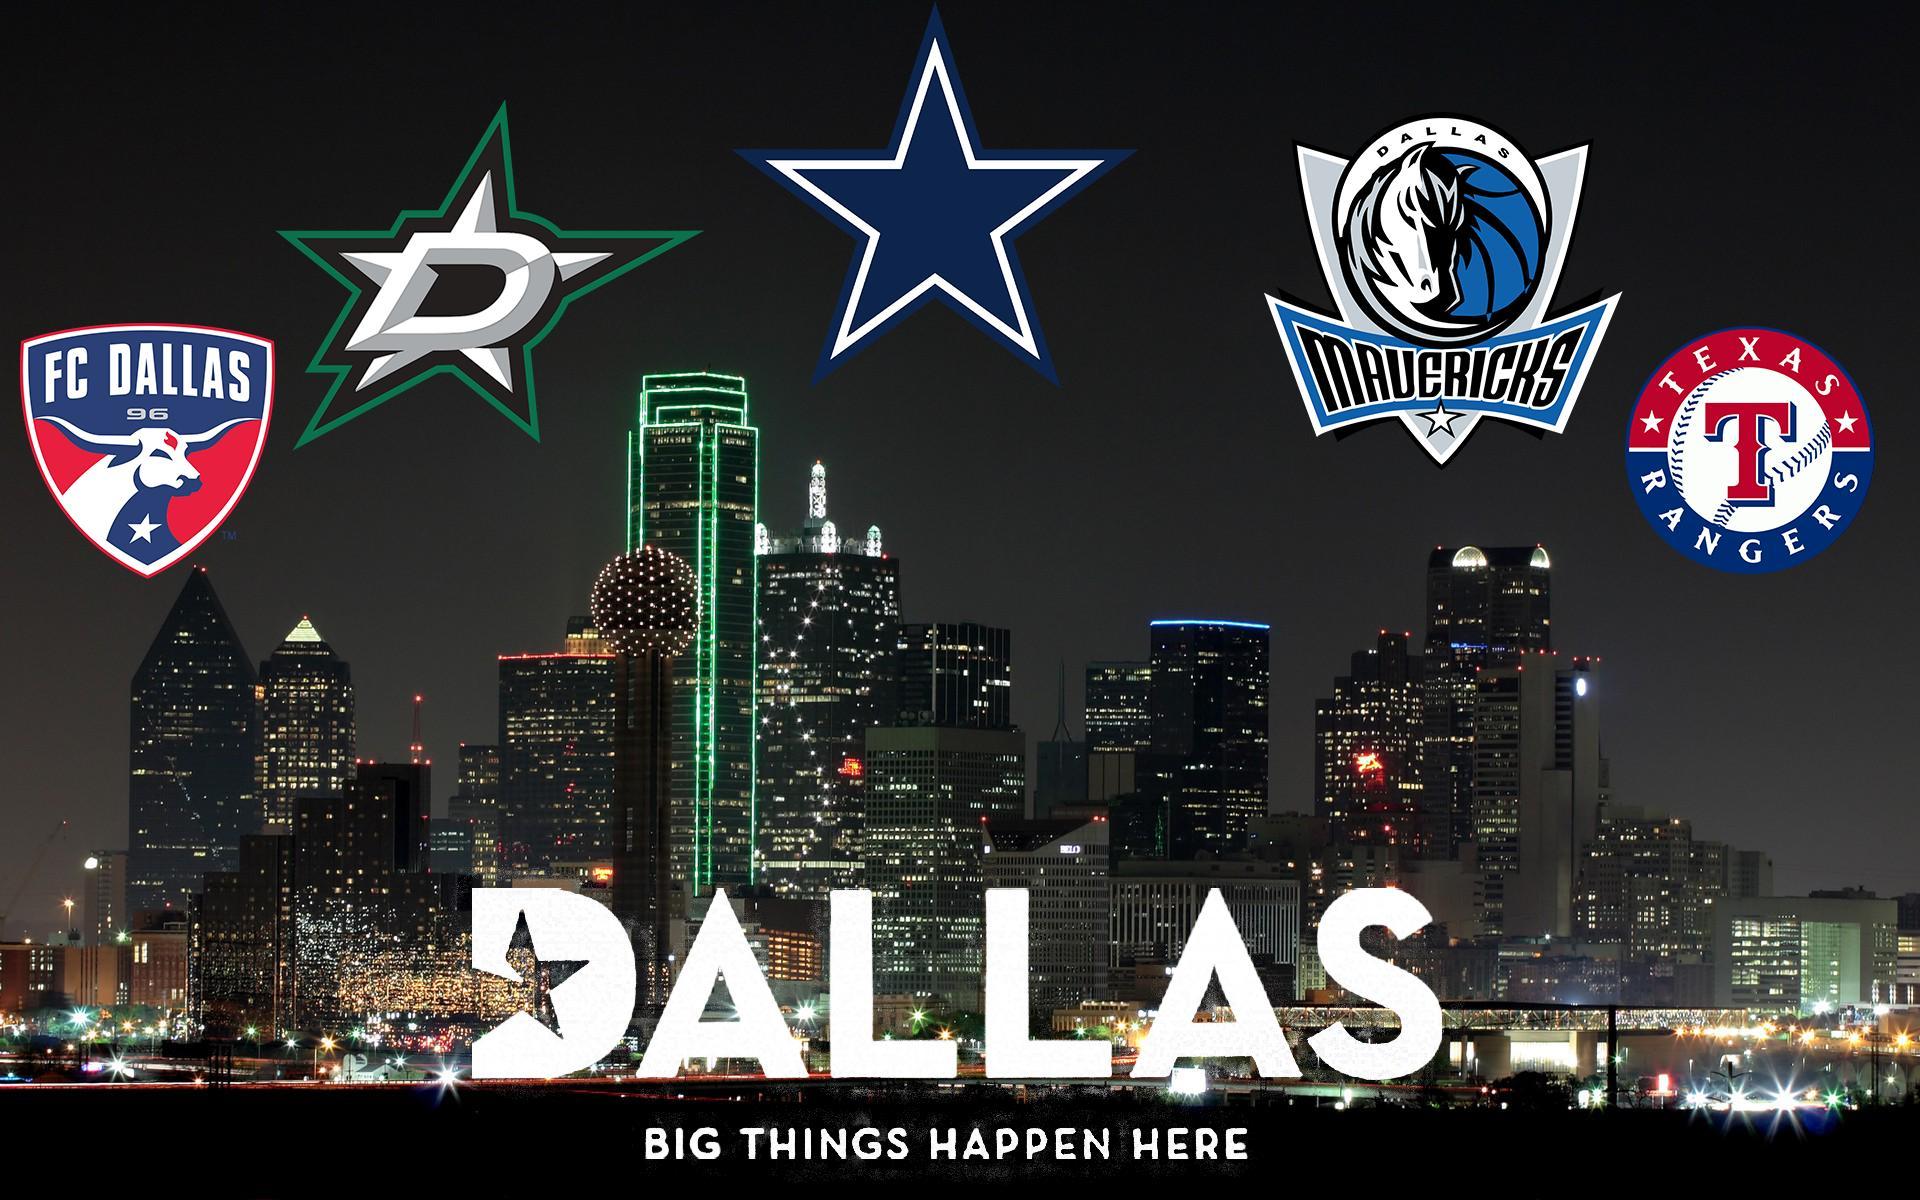 Dallas Wallpaper featuring Major Sports Teams Dallas 1920x1200